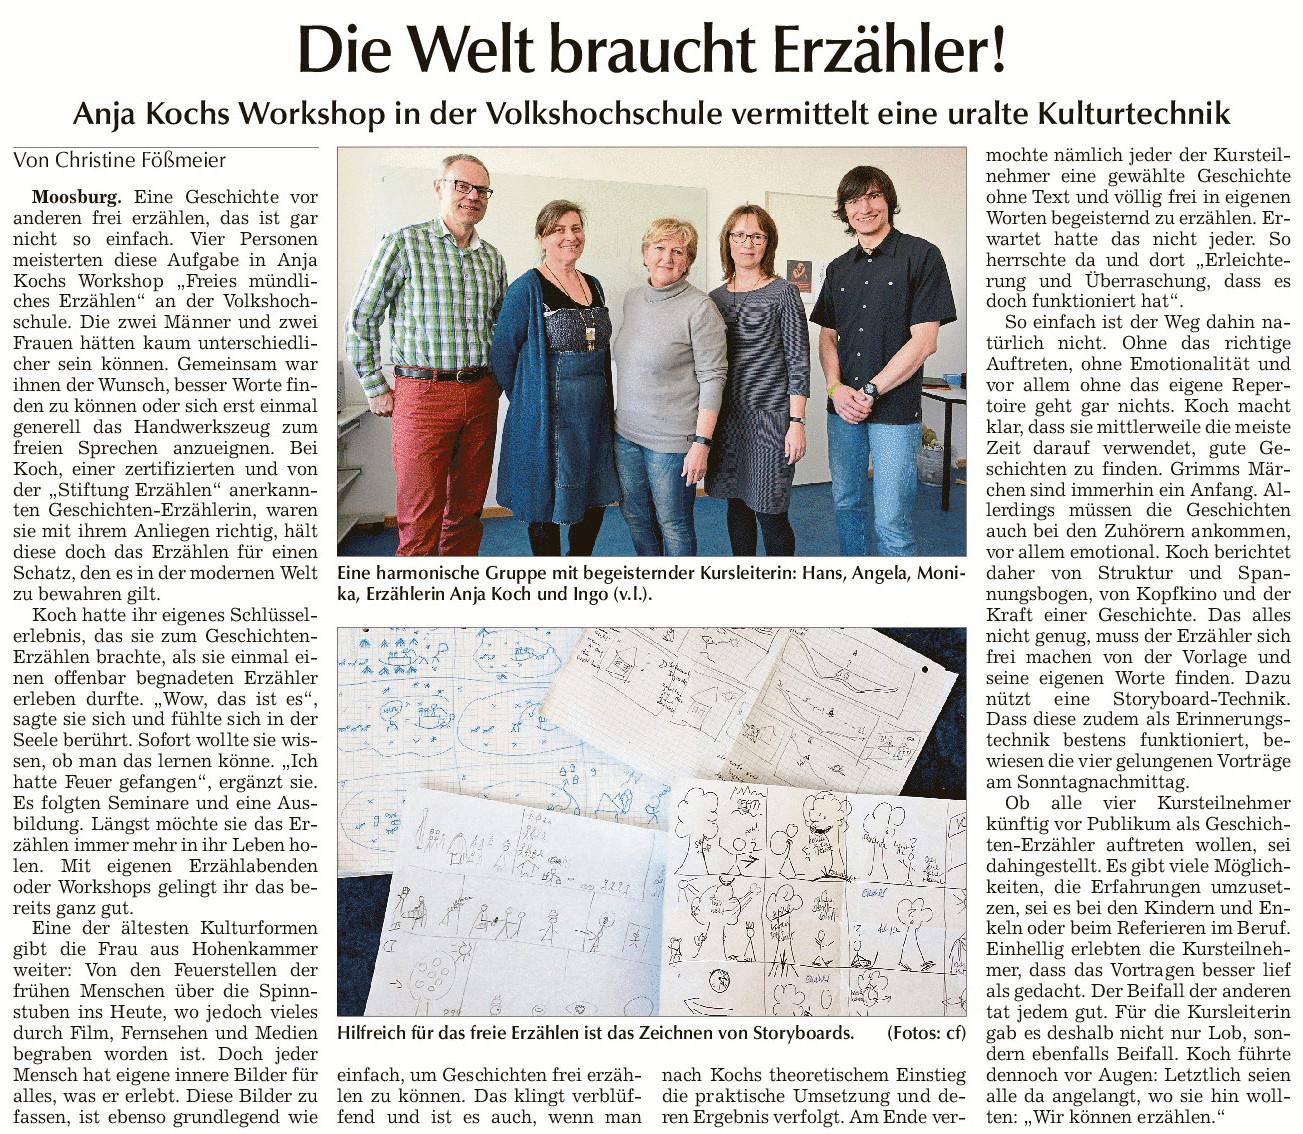 Die Welt braucht Erzähler - Anja Kochs Workshop in der Volkshochschule vermittelt eine uralte Kulturtechnik